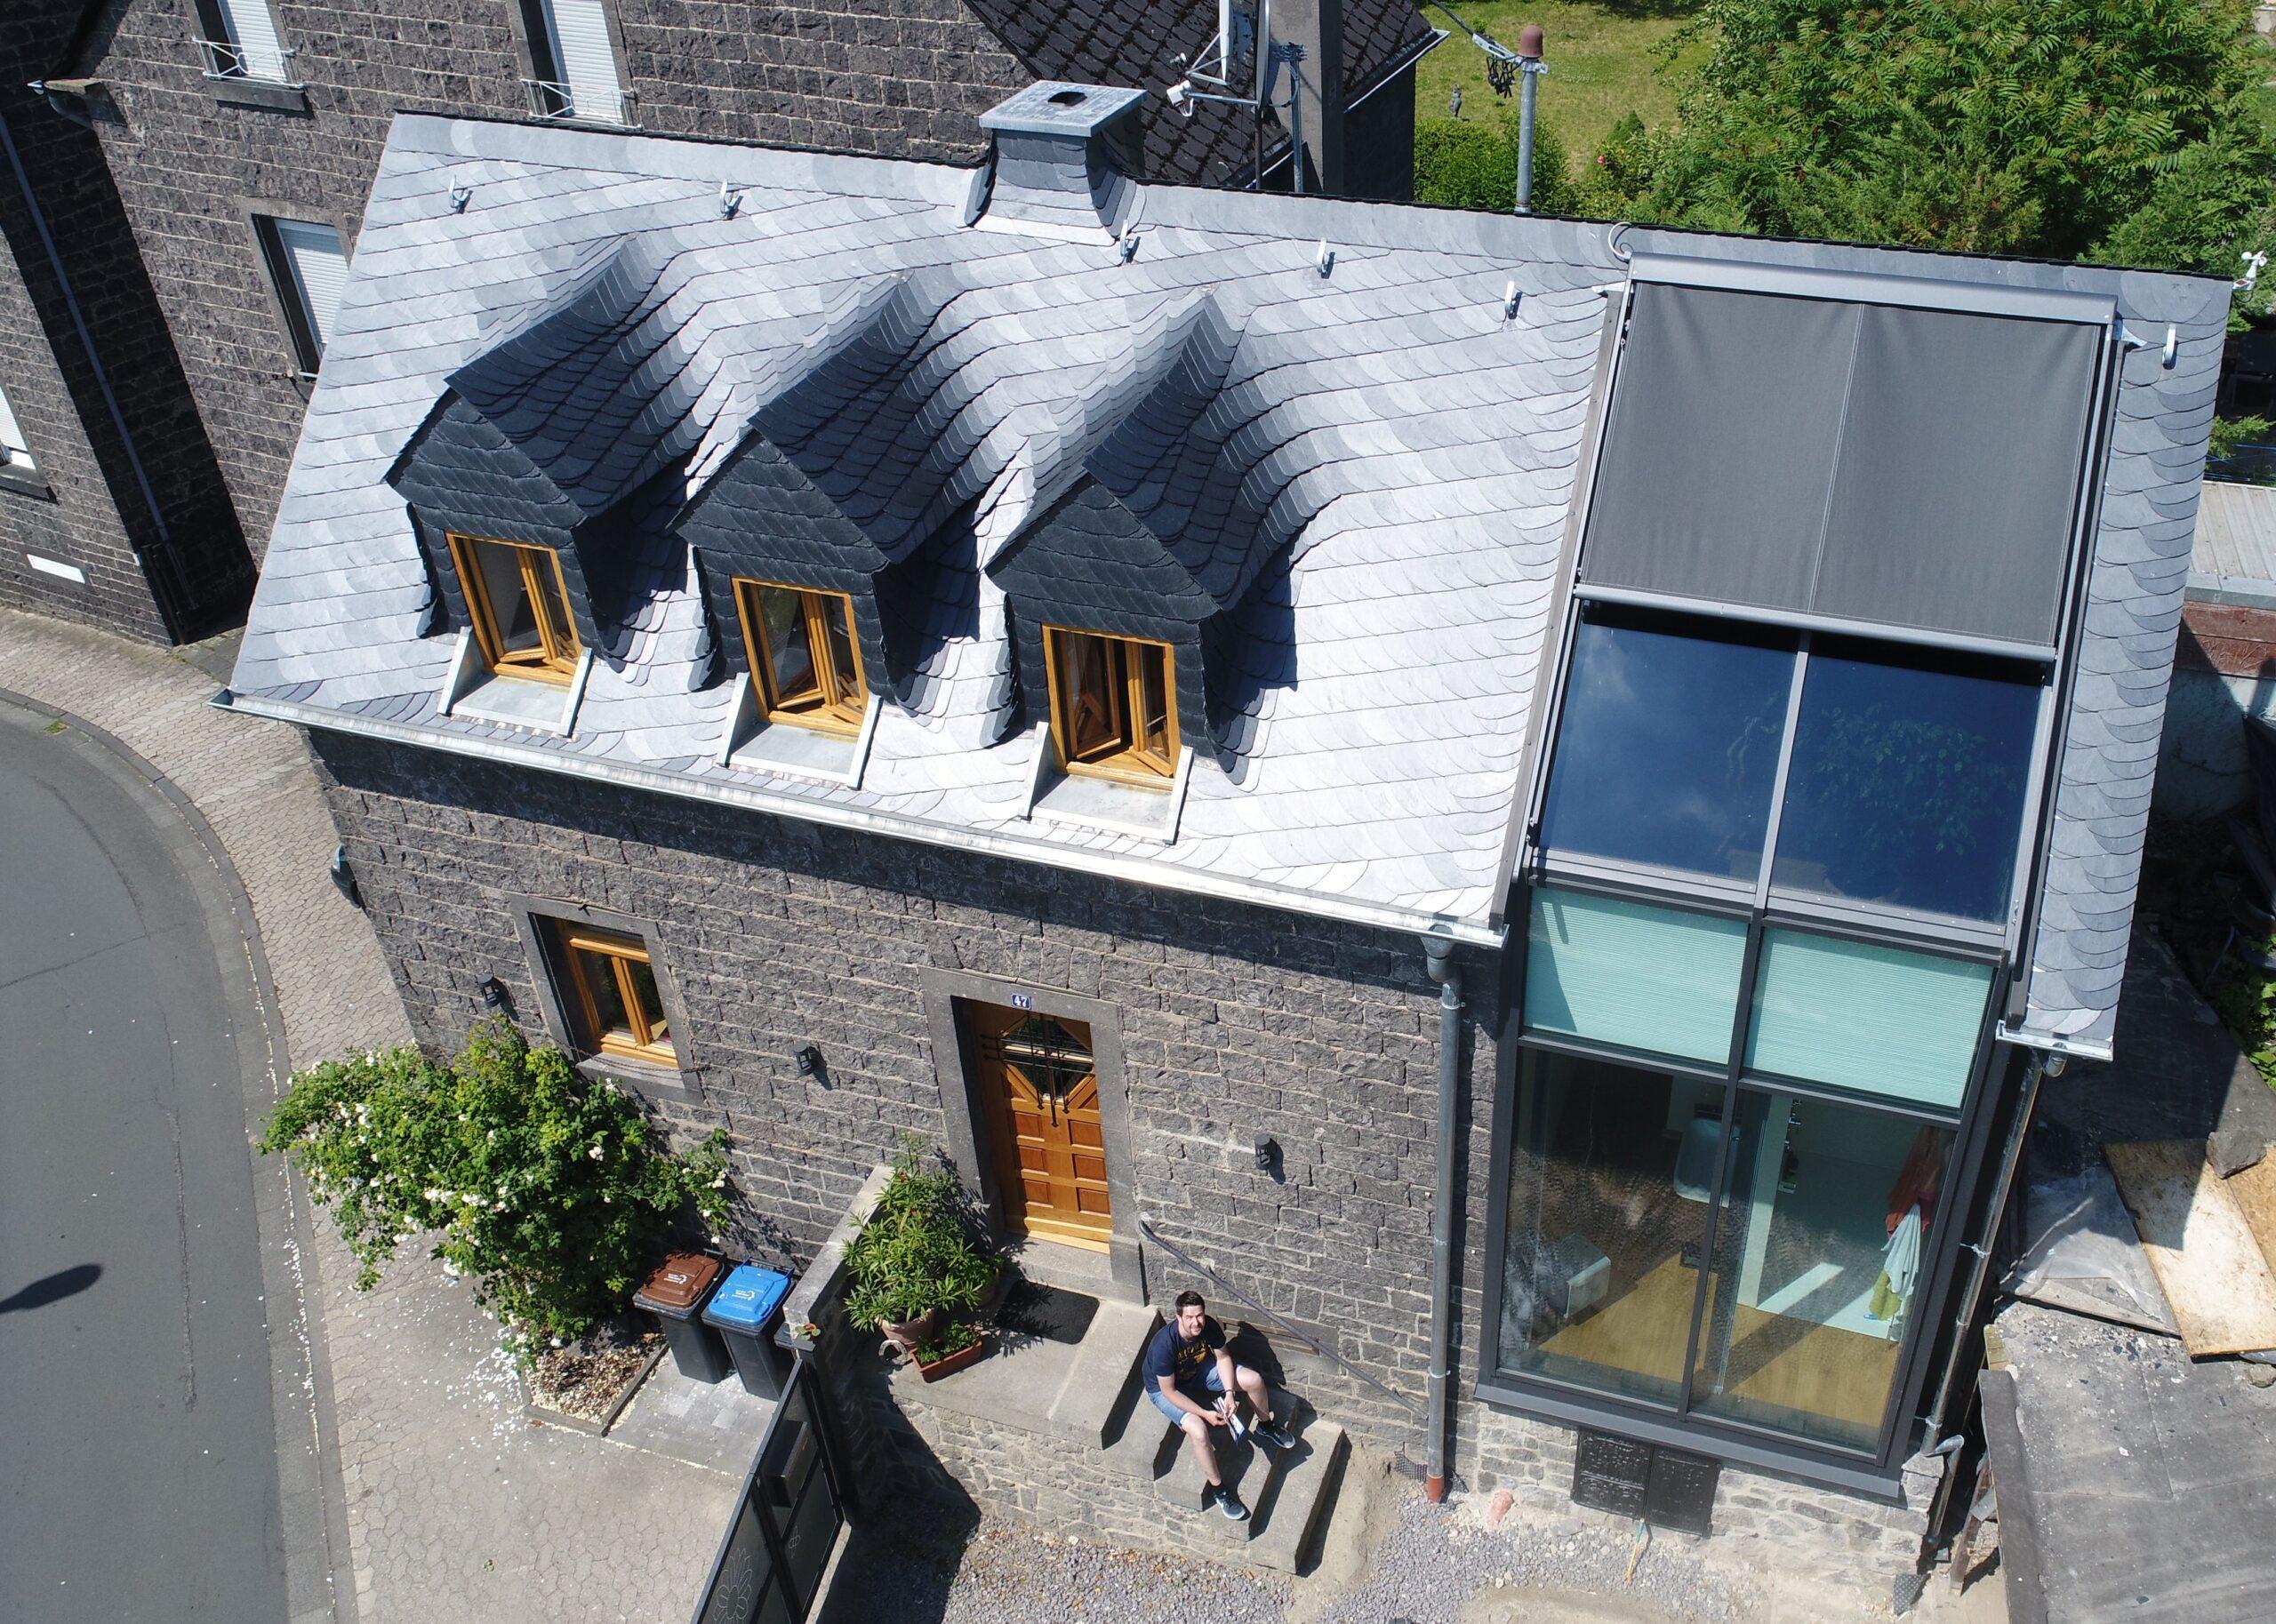 Full Size of Dachfenster Einbauen Was Ist Zu Beachten Fenster Kosten Rolladen Nachträglich Bodengleiche Dusche Velux Neue Wohnzimmer Dachfenster Einbauen